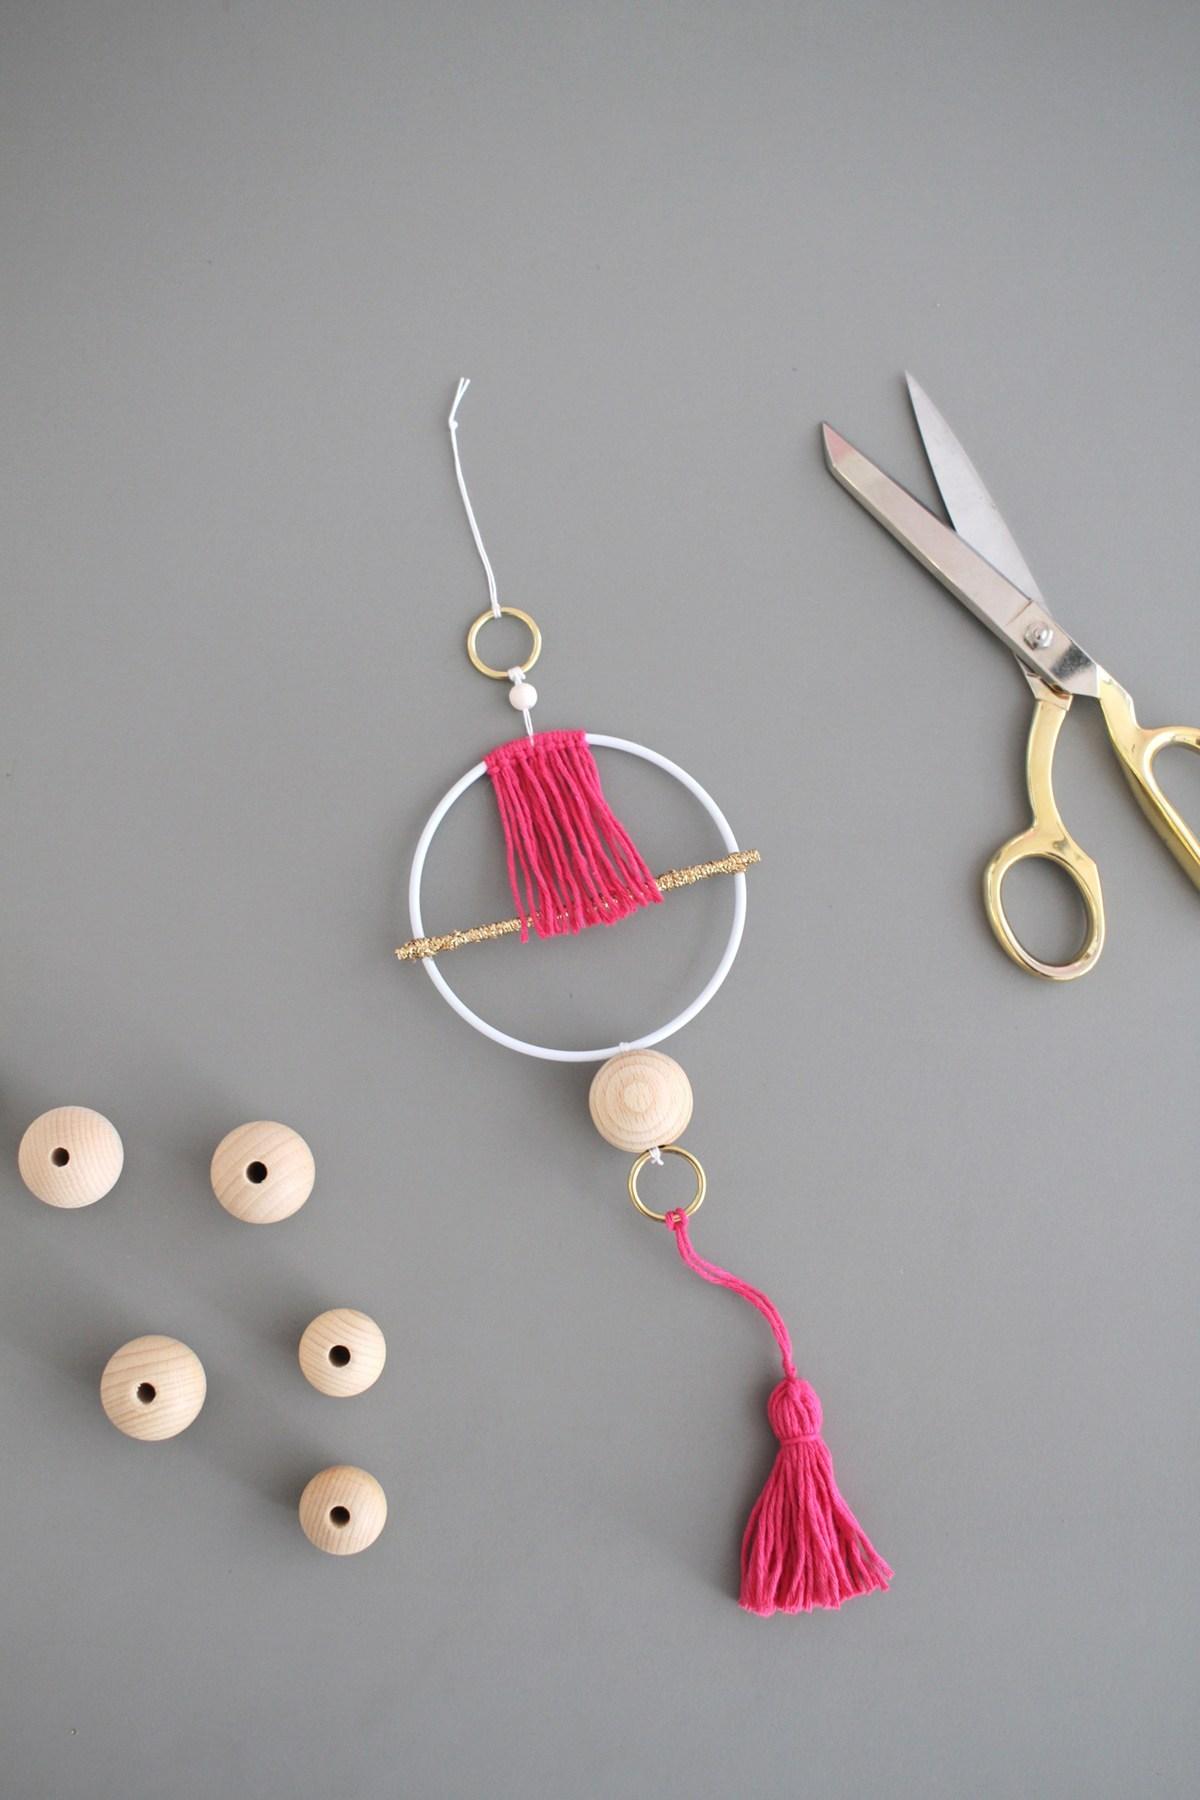 Makerist-Basteln-mit-Kindern-50-DIY-Projekte-Geometrischer-Wandschmuck